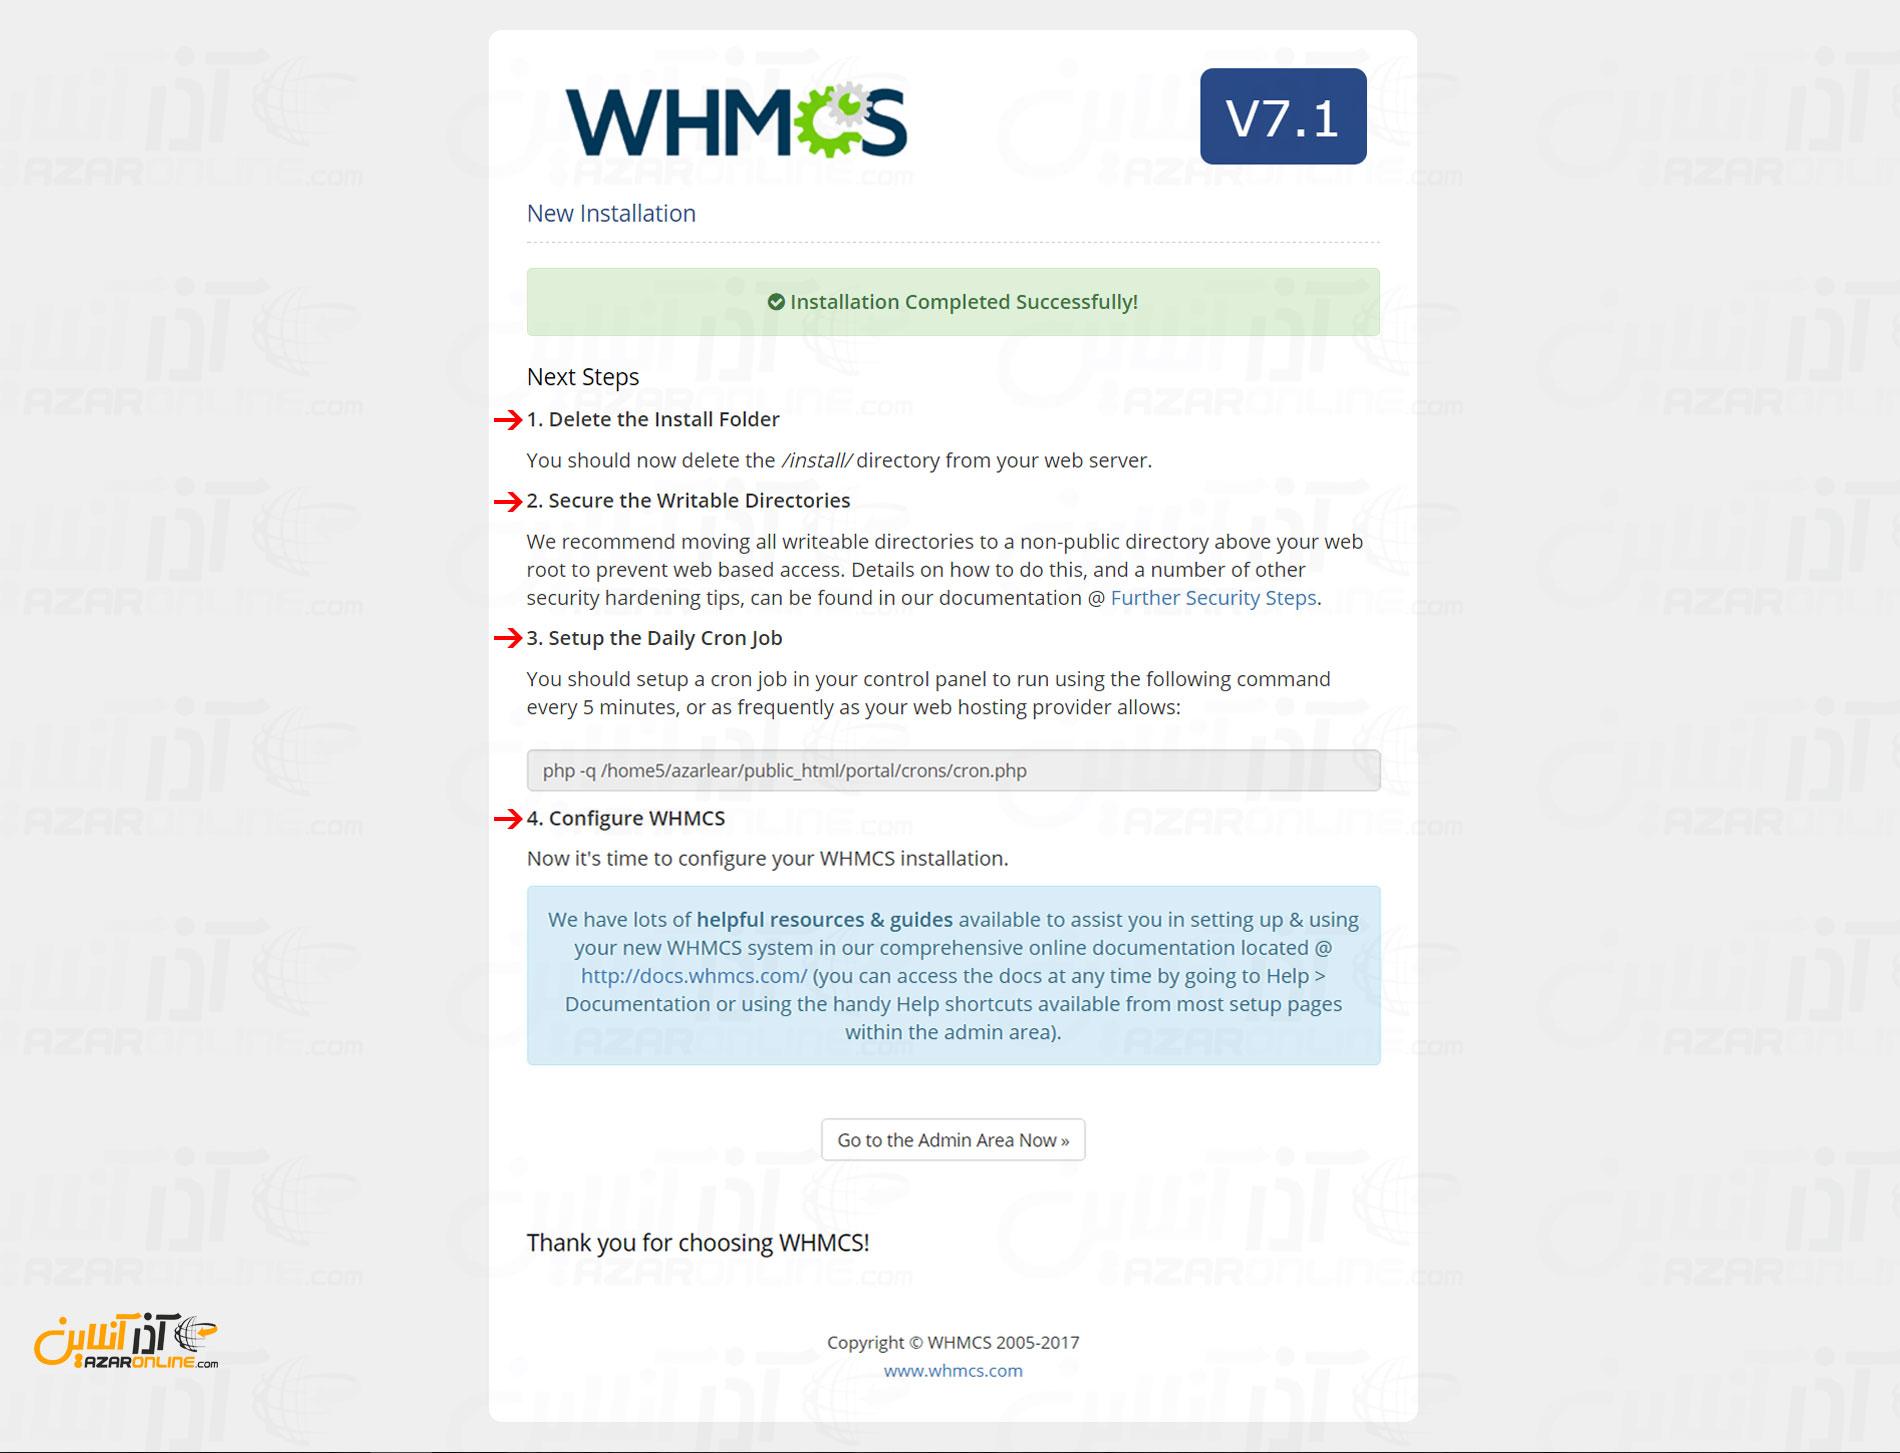 آموزش نصب whmcs - نصب به پایان رسید - شروع تنظیمات بعد از نصب